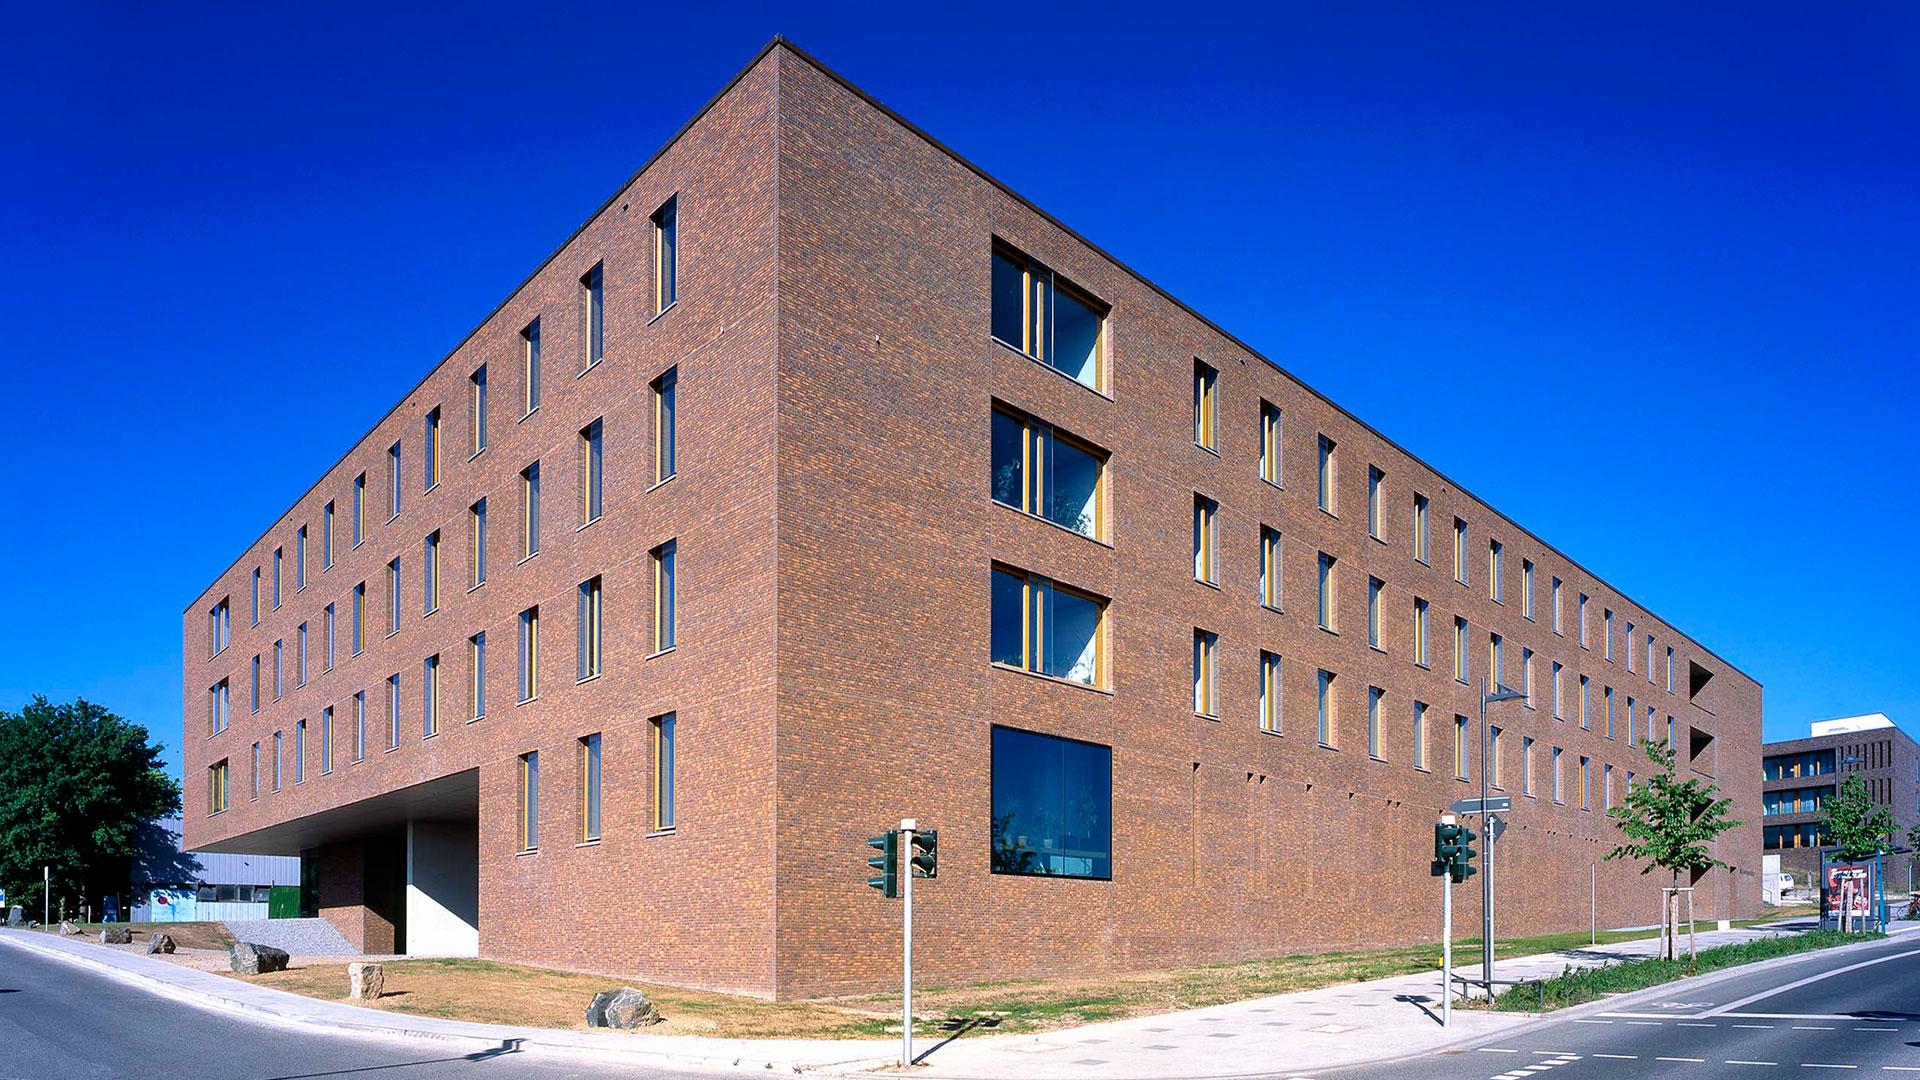 Geowissenschaften Frankfurt 3 - ArGe Architekten